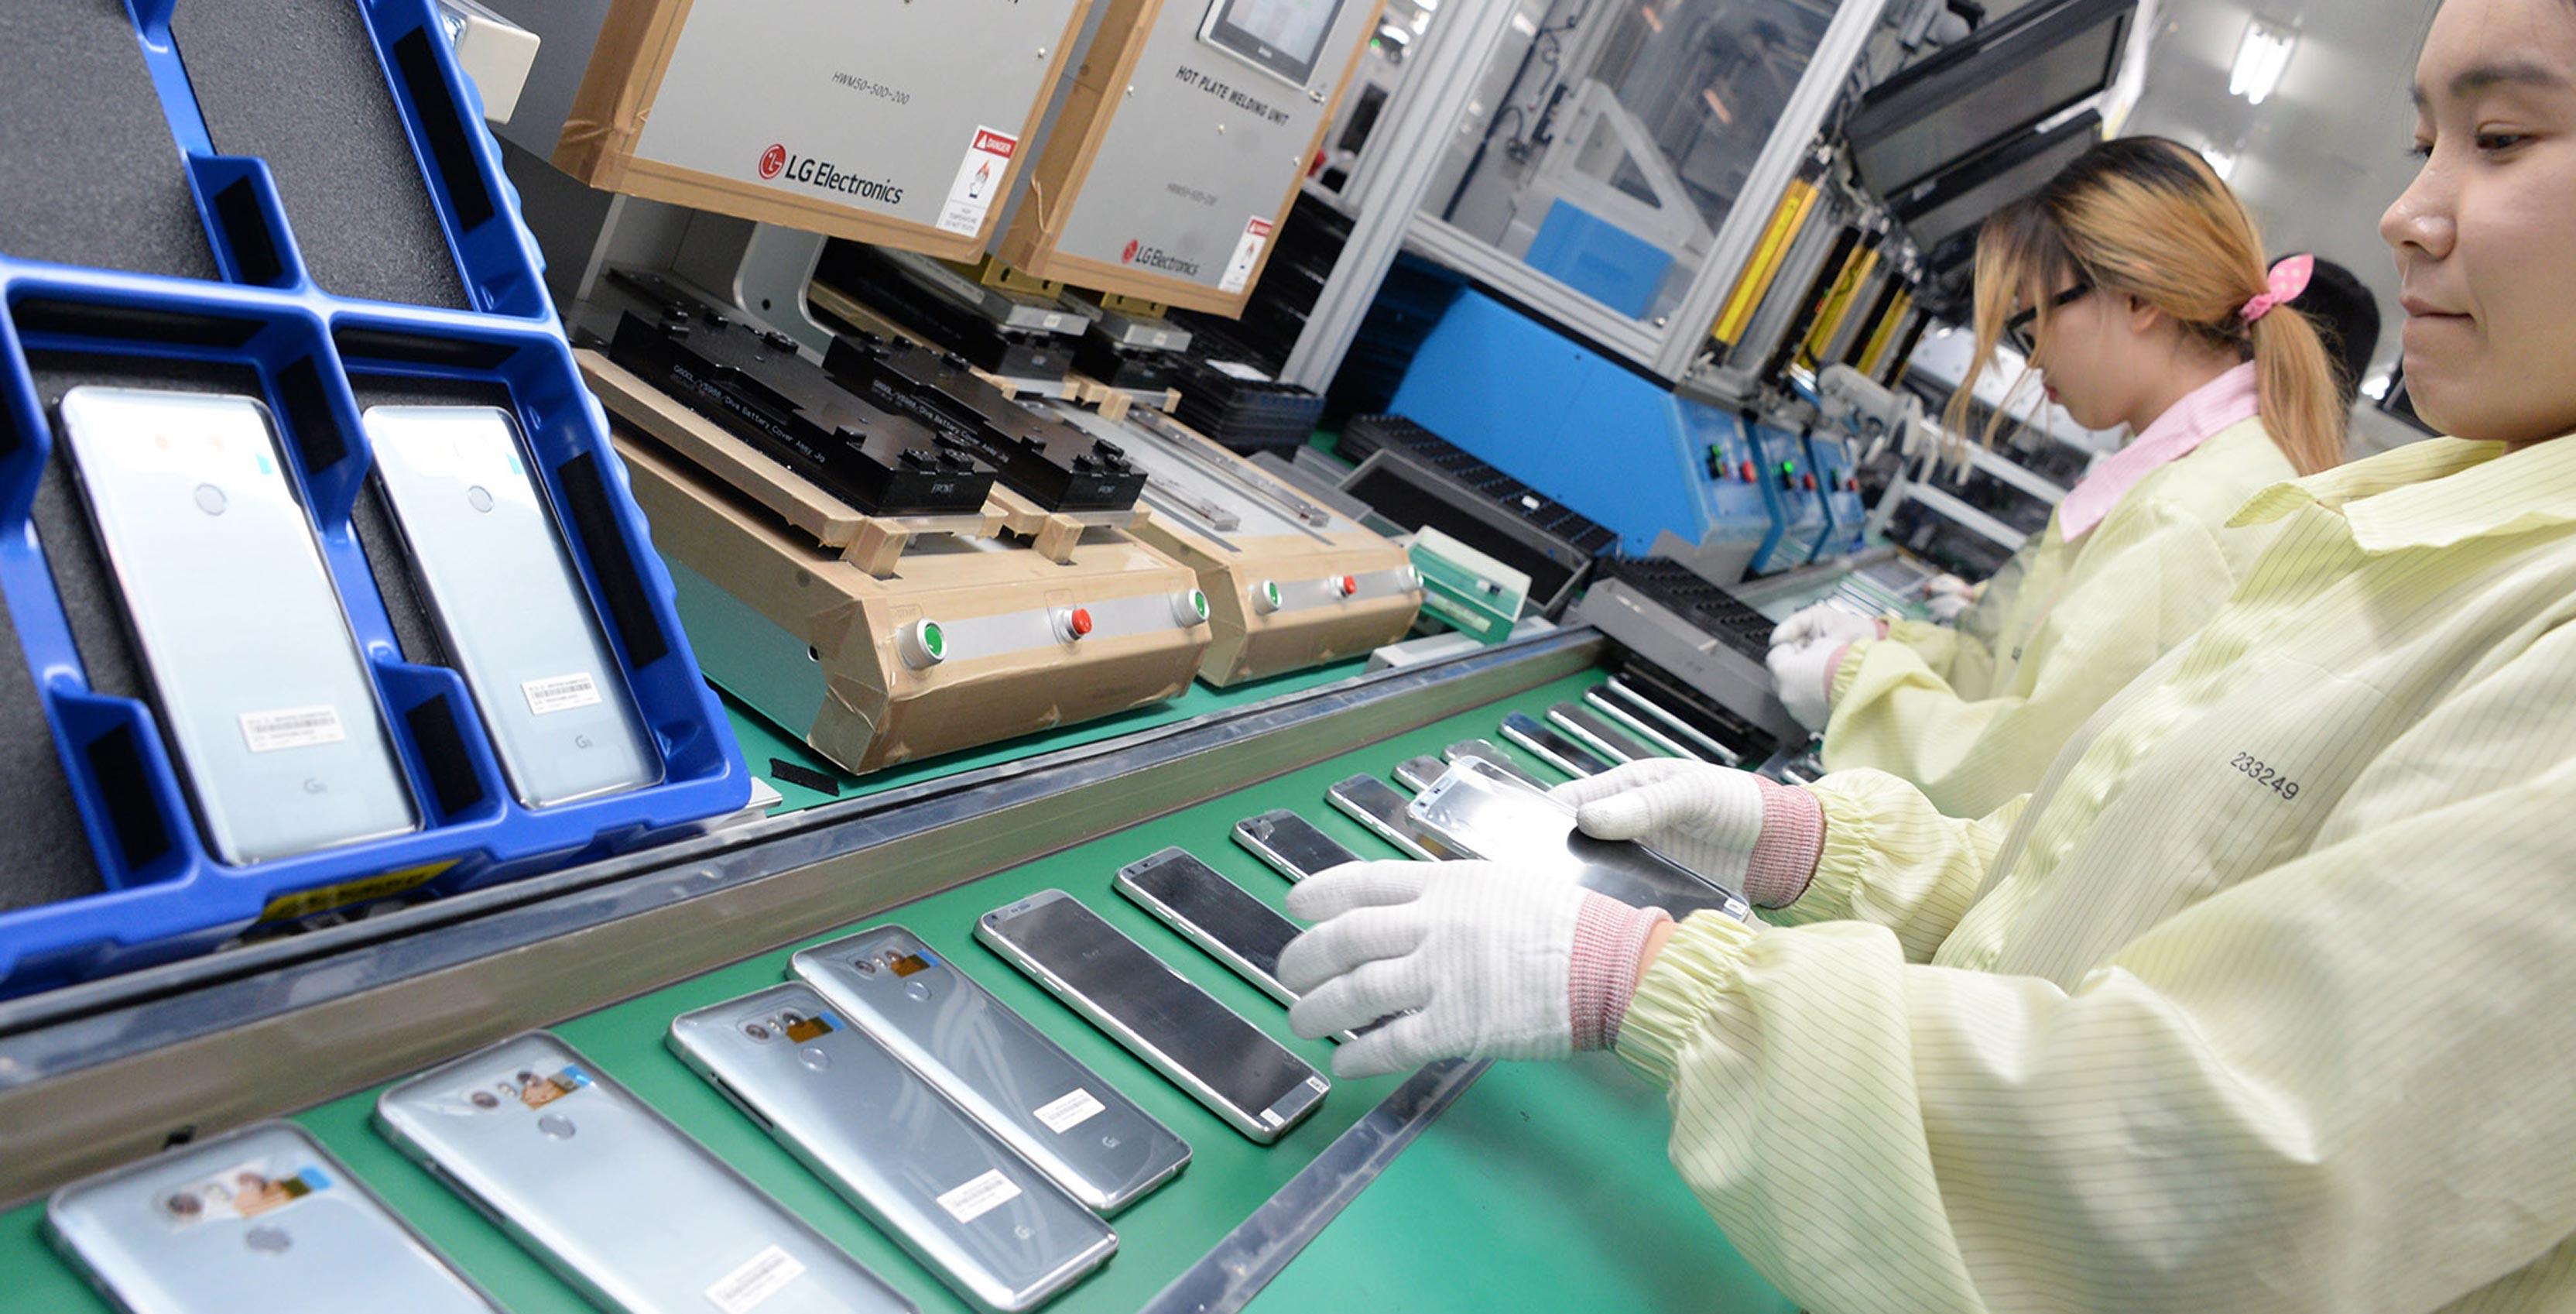 سامسونگ ابتلای کارگرانش به سرطان را تایید کرد